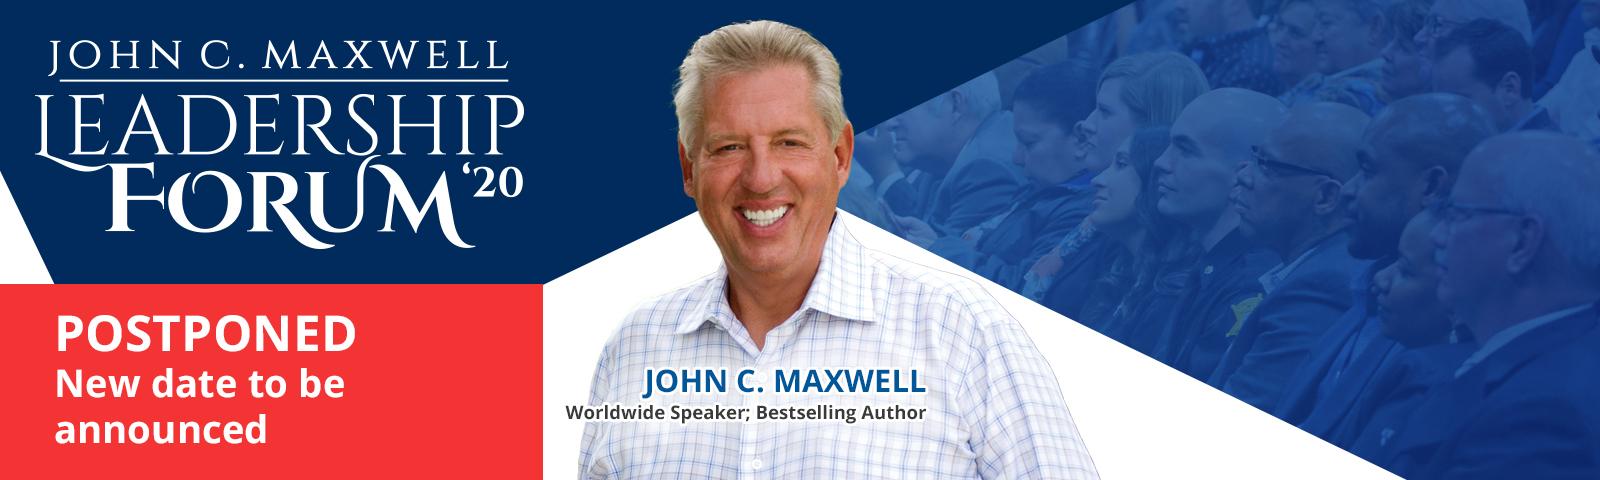 John C. Maxwell Leadership Forum at CIU is postponed